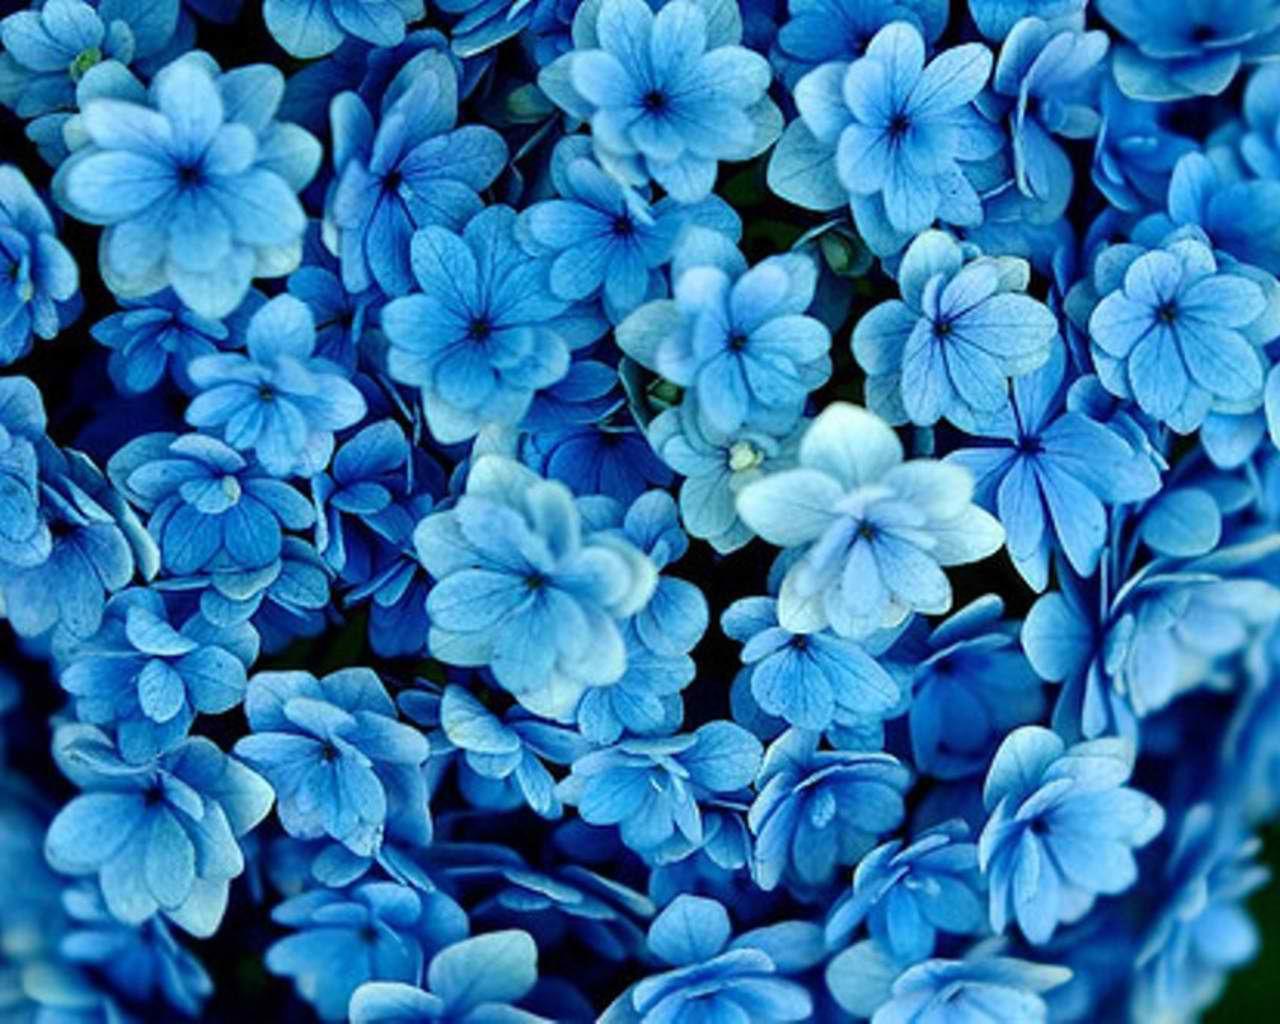 Blue Flowers Blue Flower Pictures Blue Flowers Images Blue